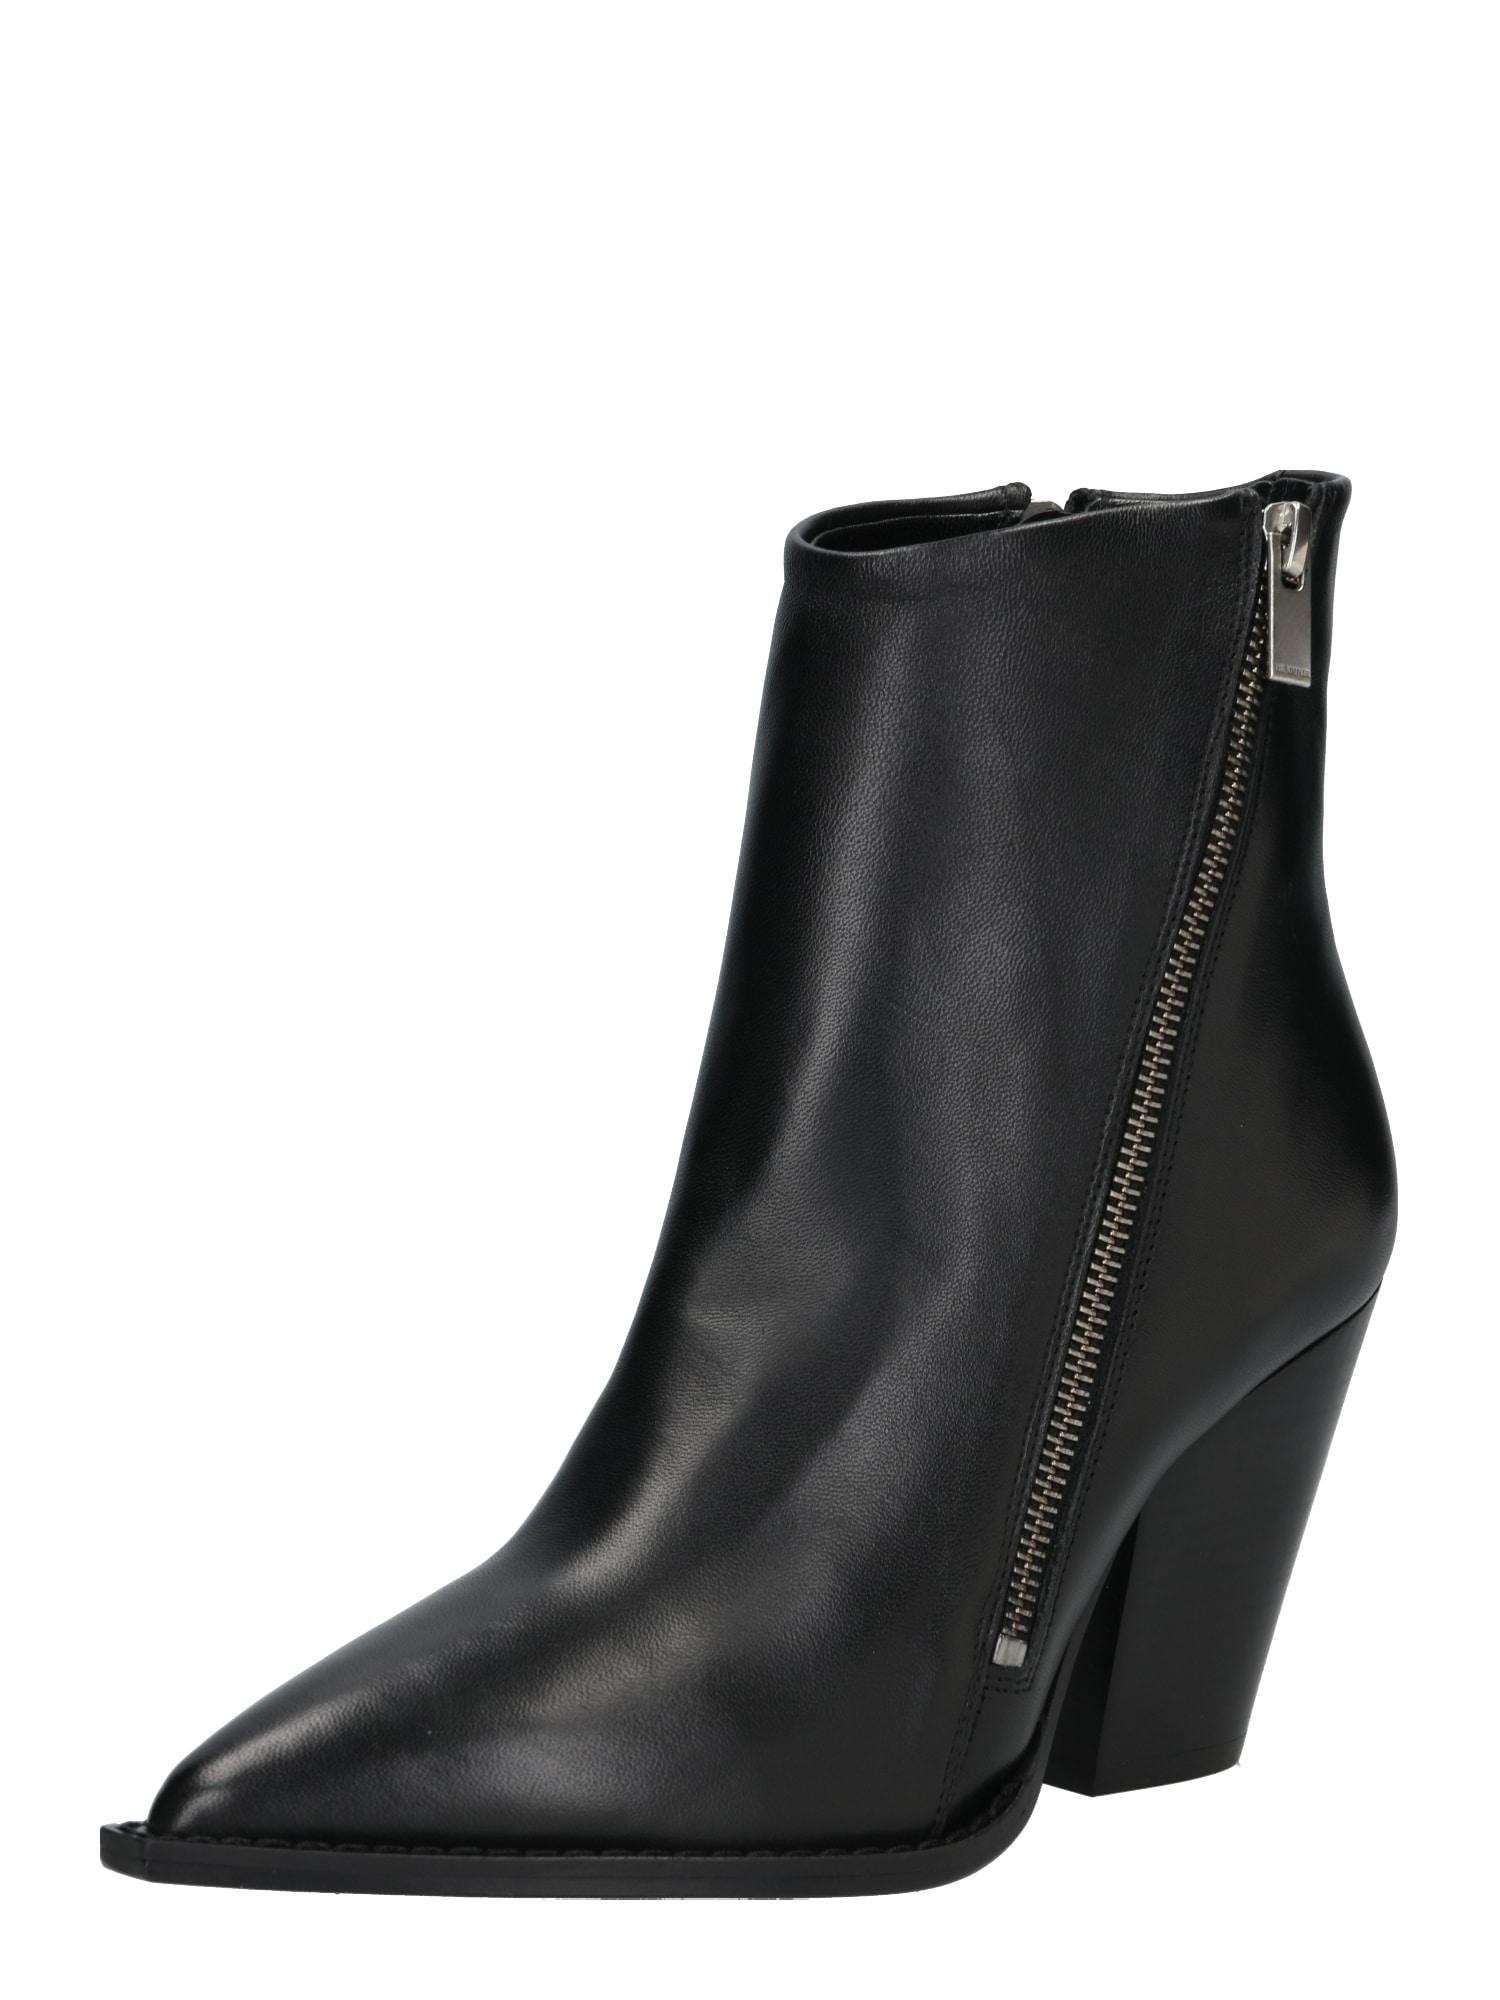 Kotníkové boty AFCH19005K černá The Kooples